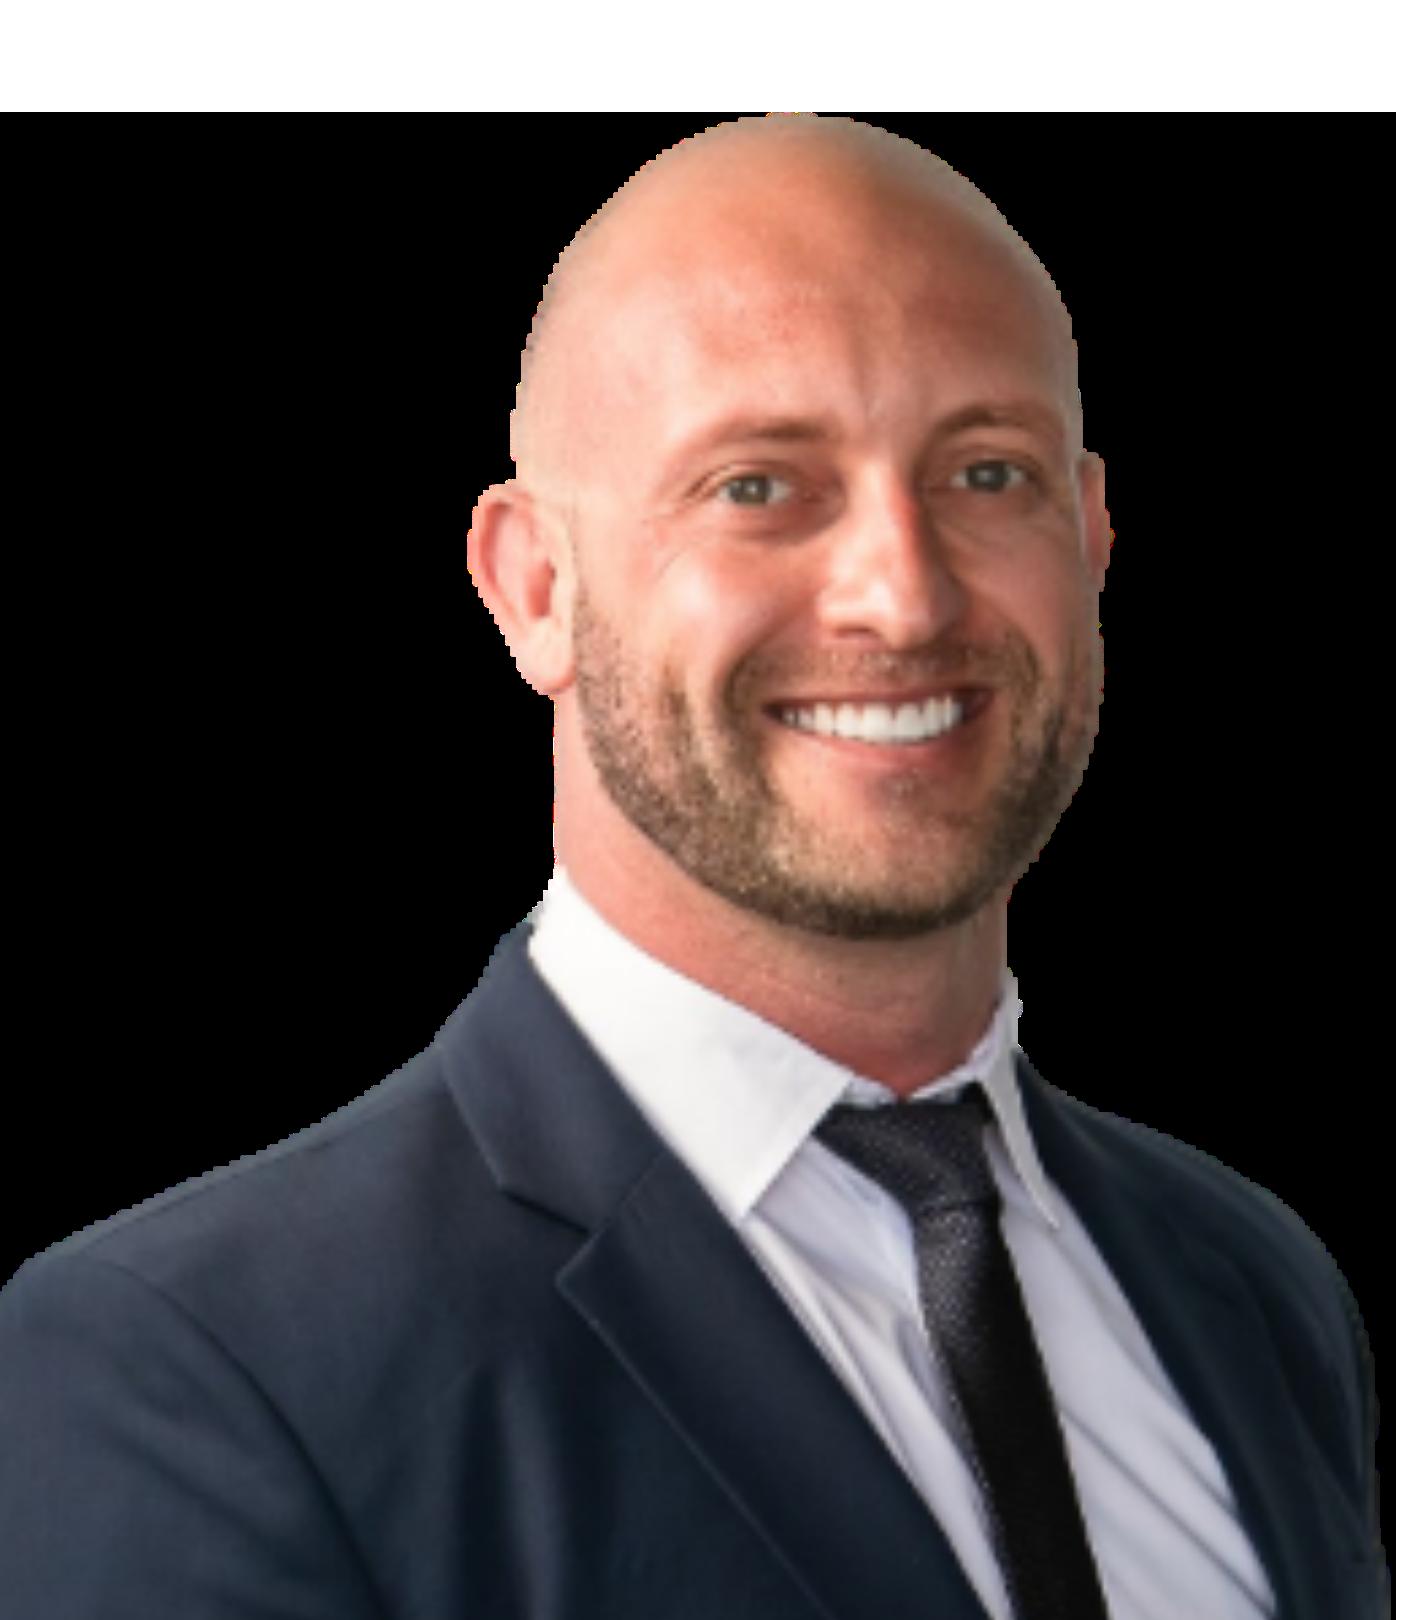 51. Adam Burstein, Nuage Finance